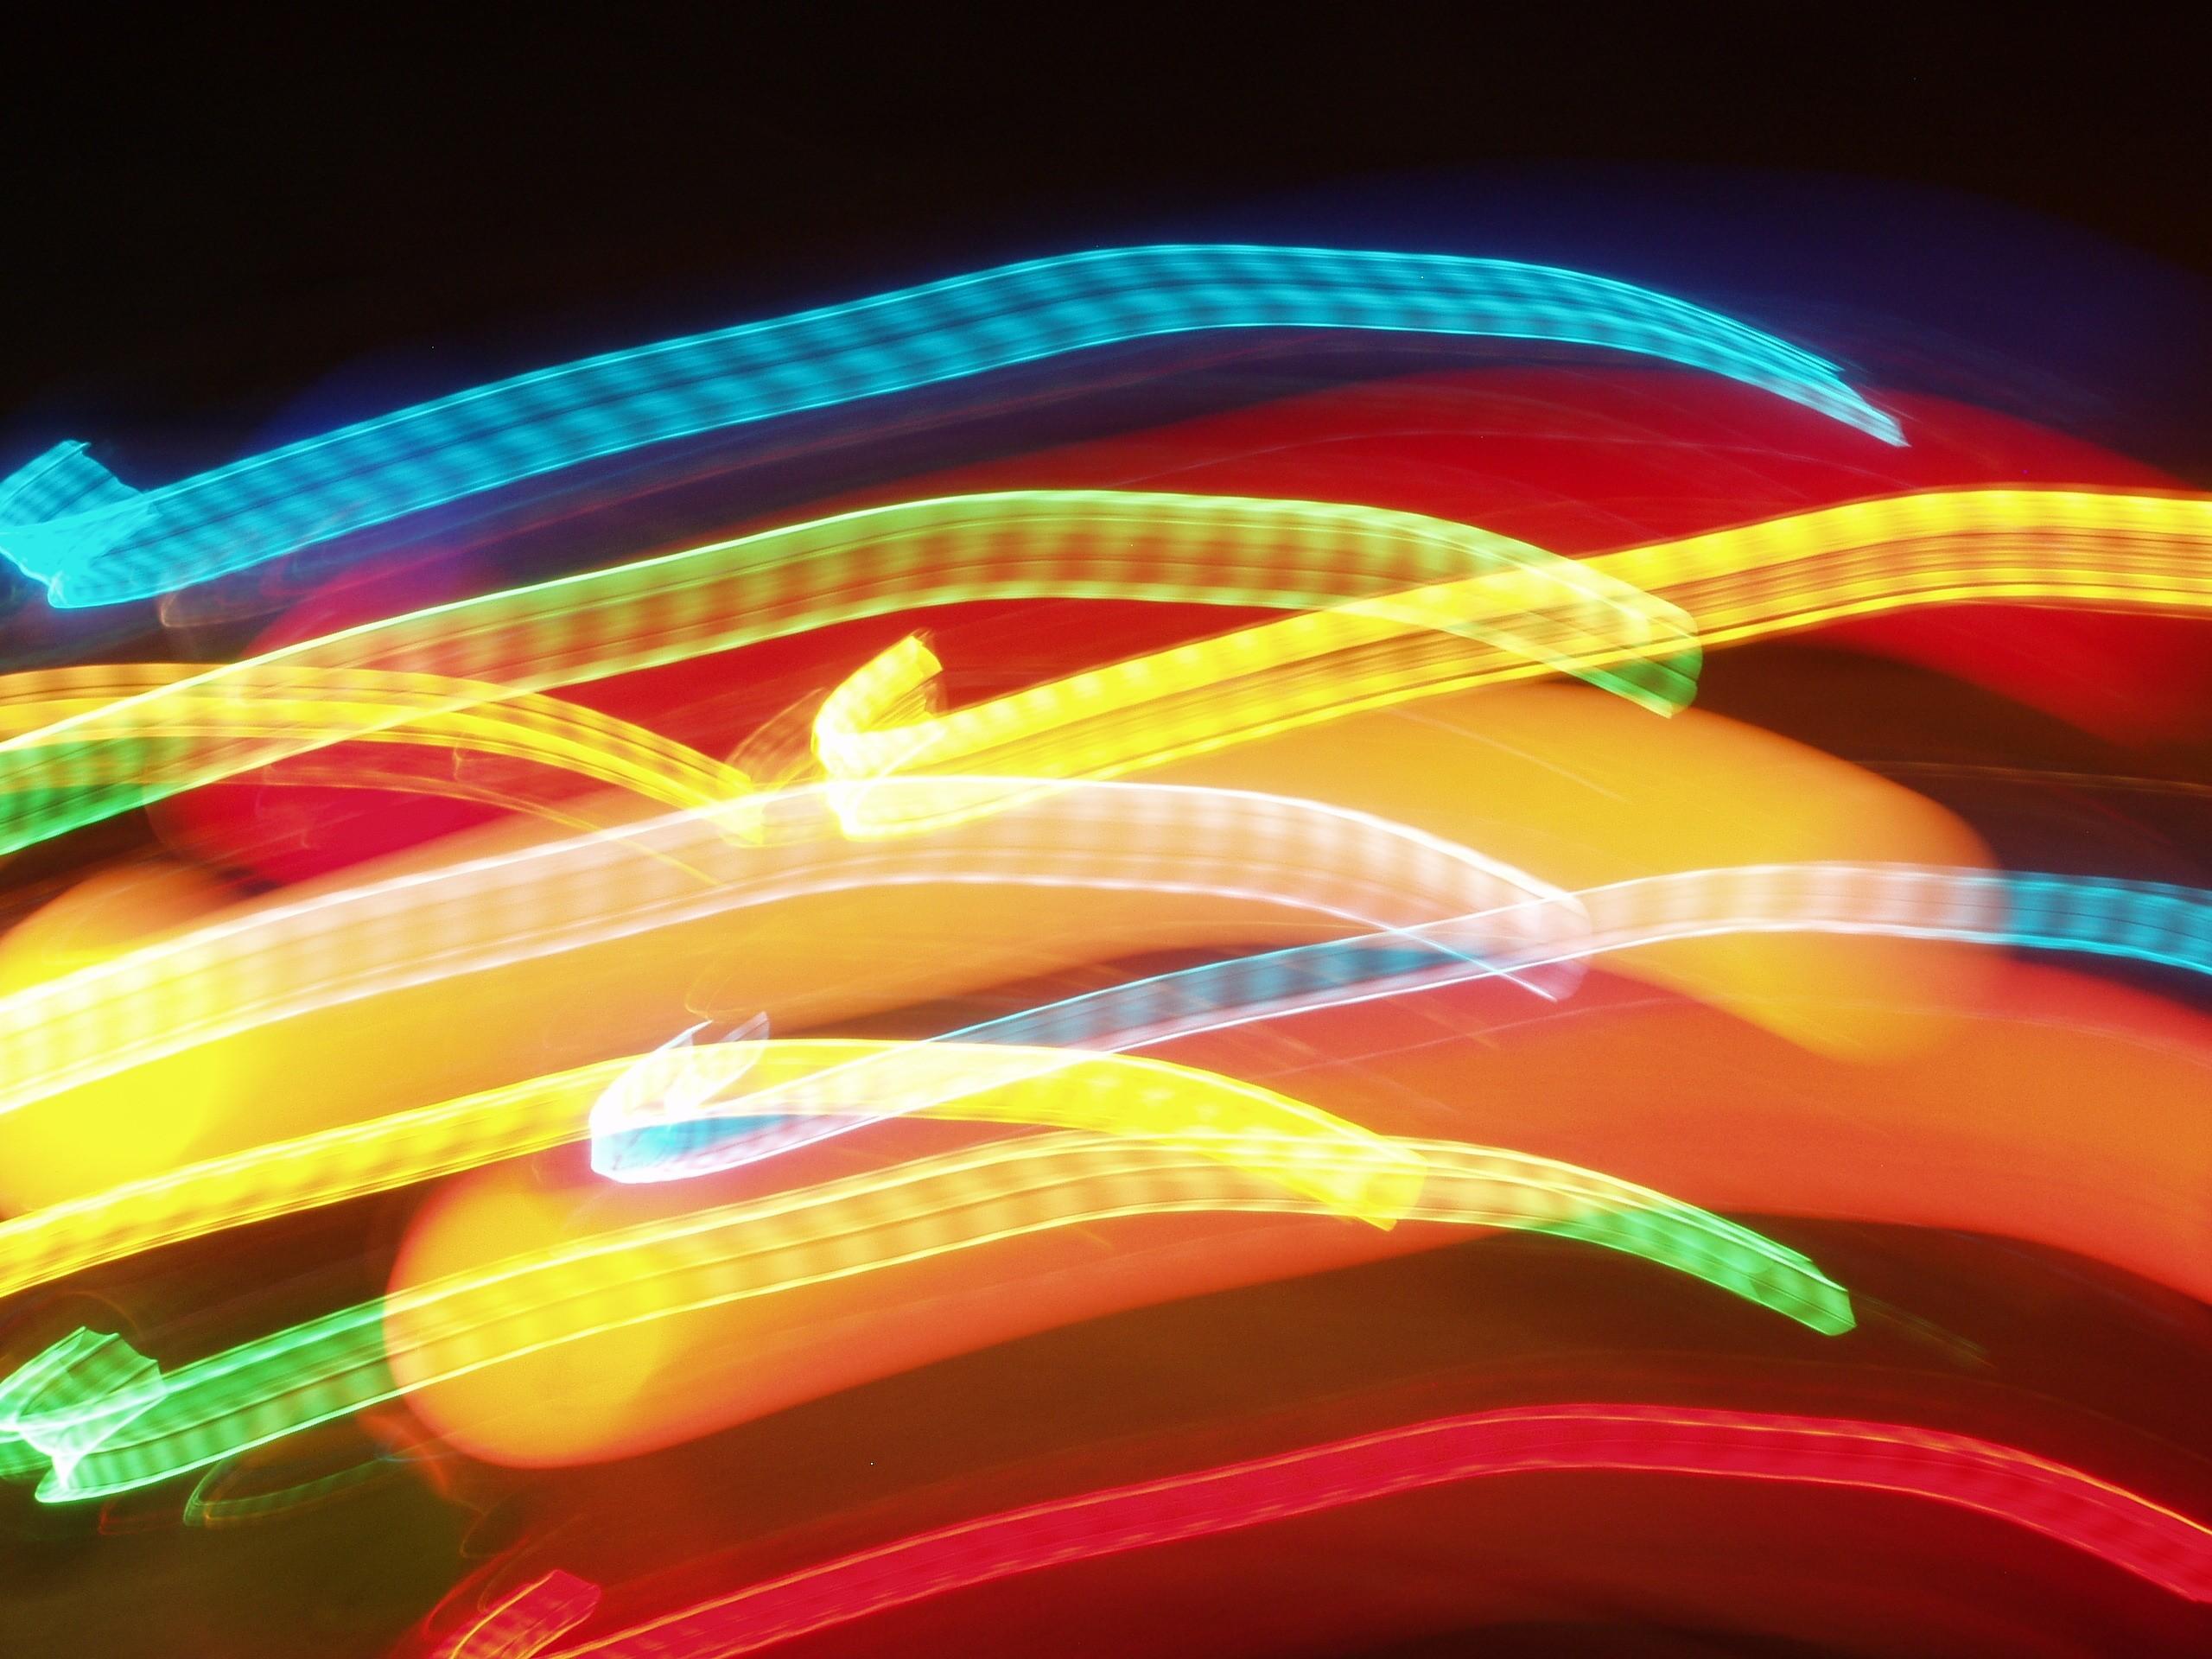 neon rainbow background designs 183��